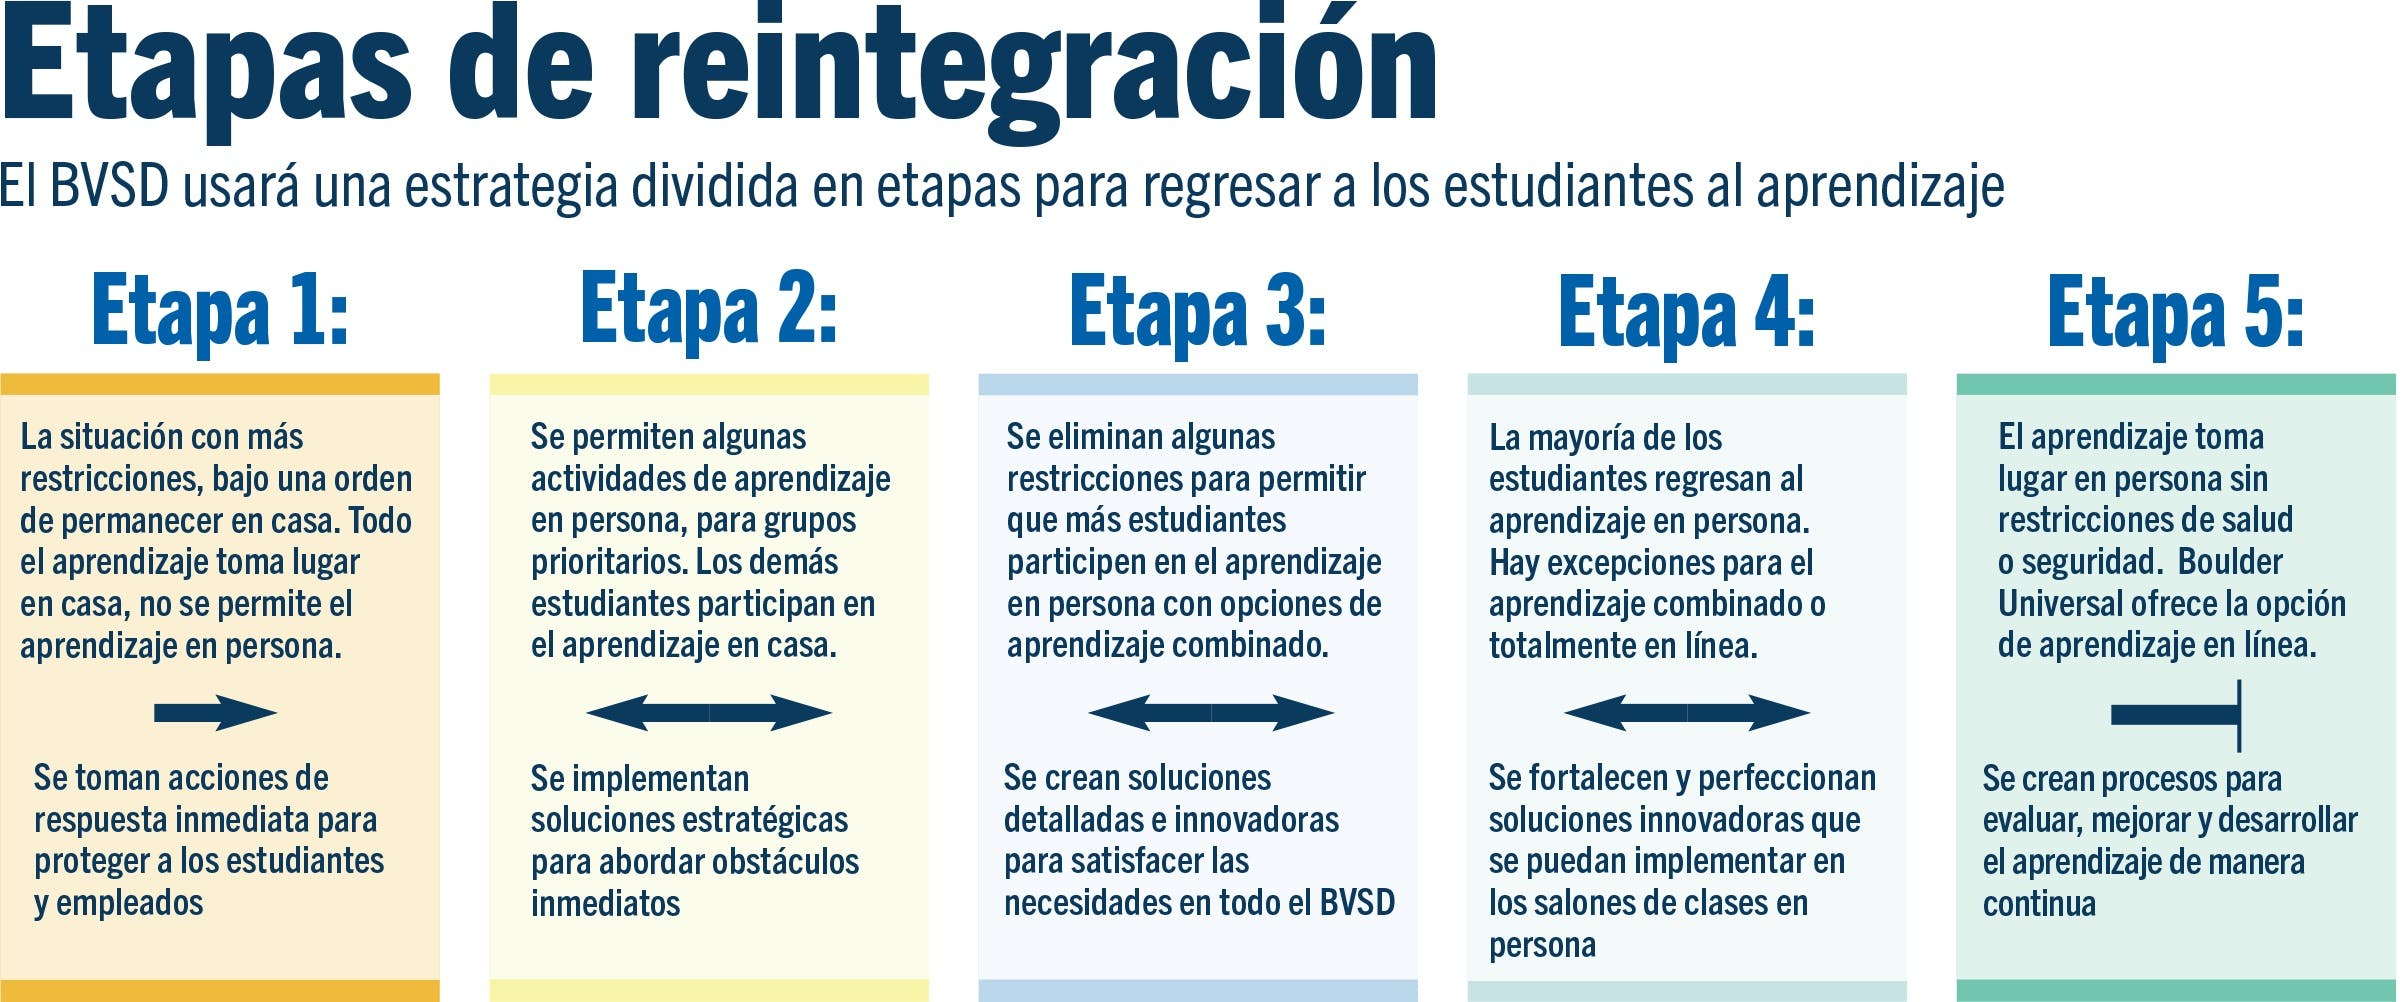 Etapas de reintegracion